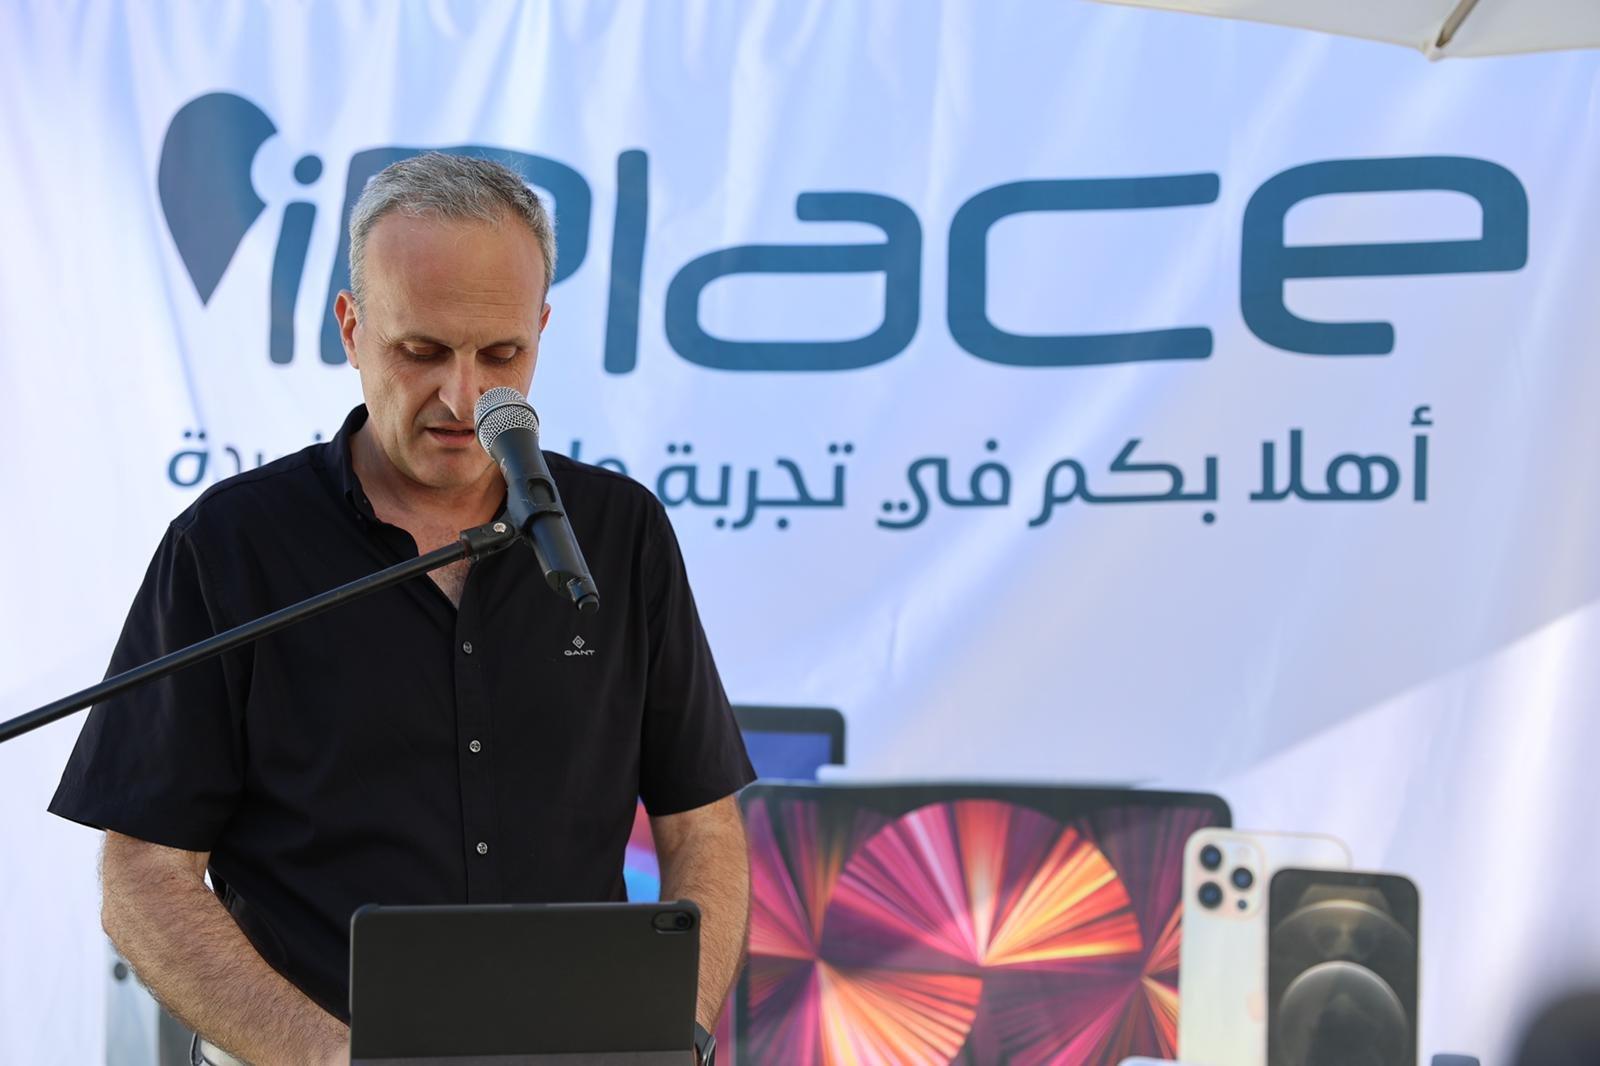 """شفاعمرو تشهد إطلاق أول فروع شبكة iPlace المسوق الرسمي الجديد لمنتجات """"أبل""""-10"""